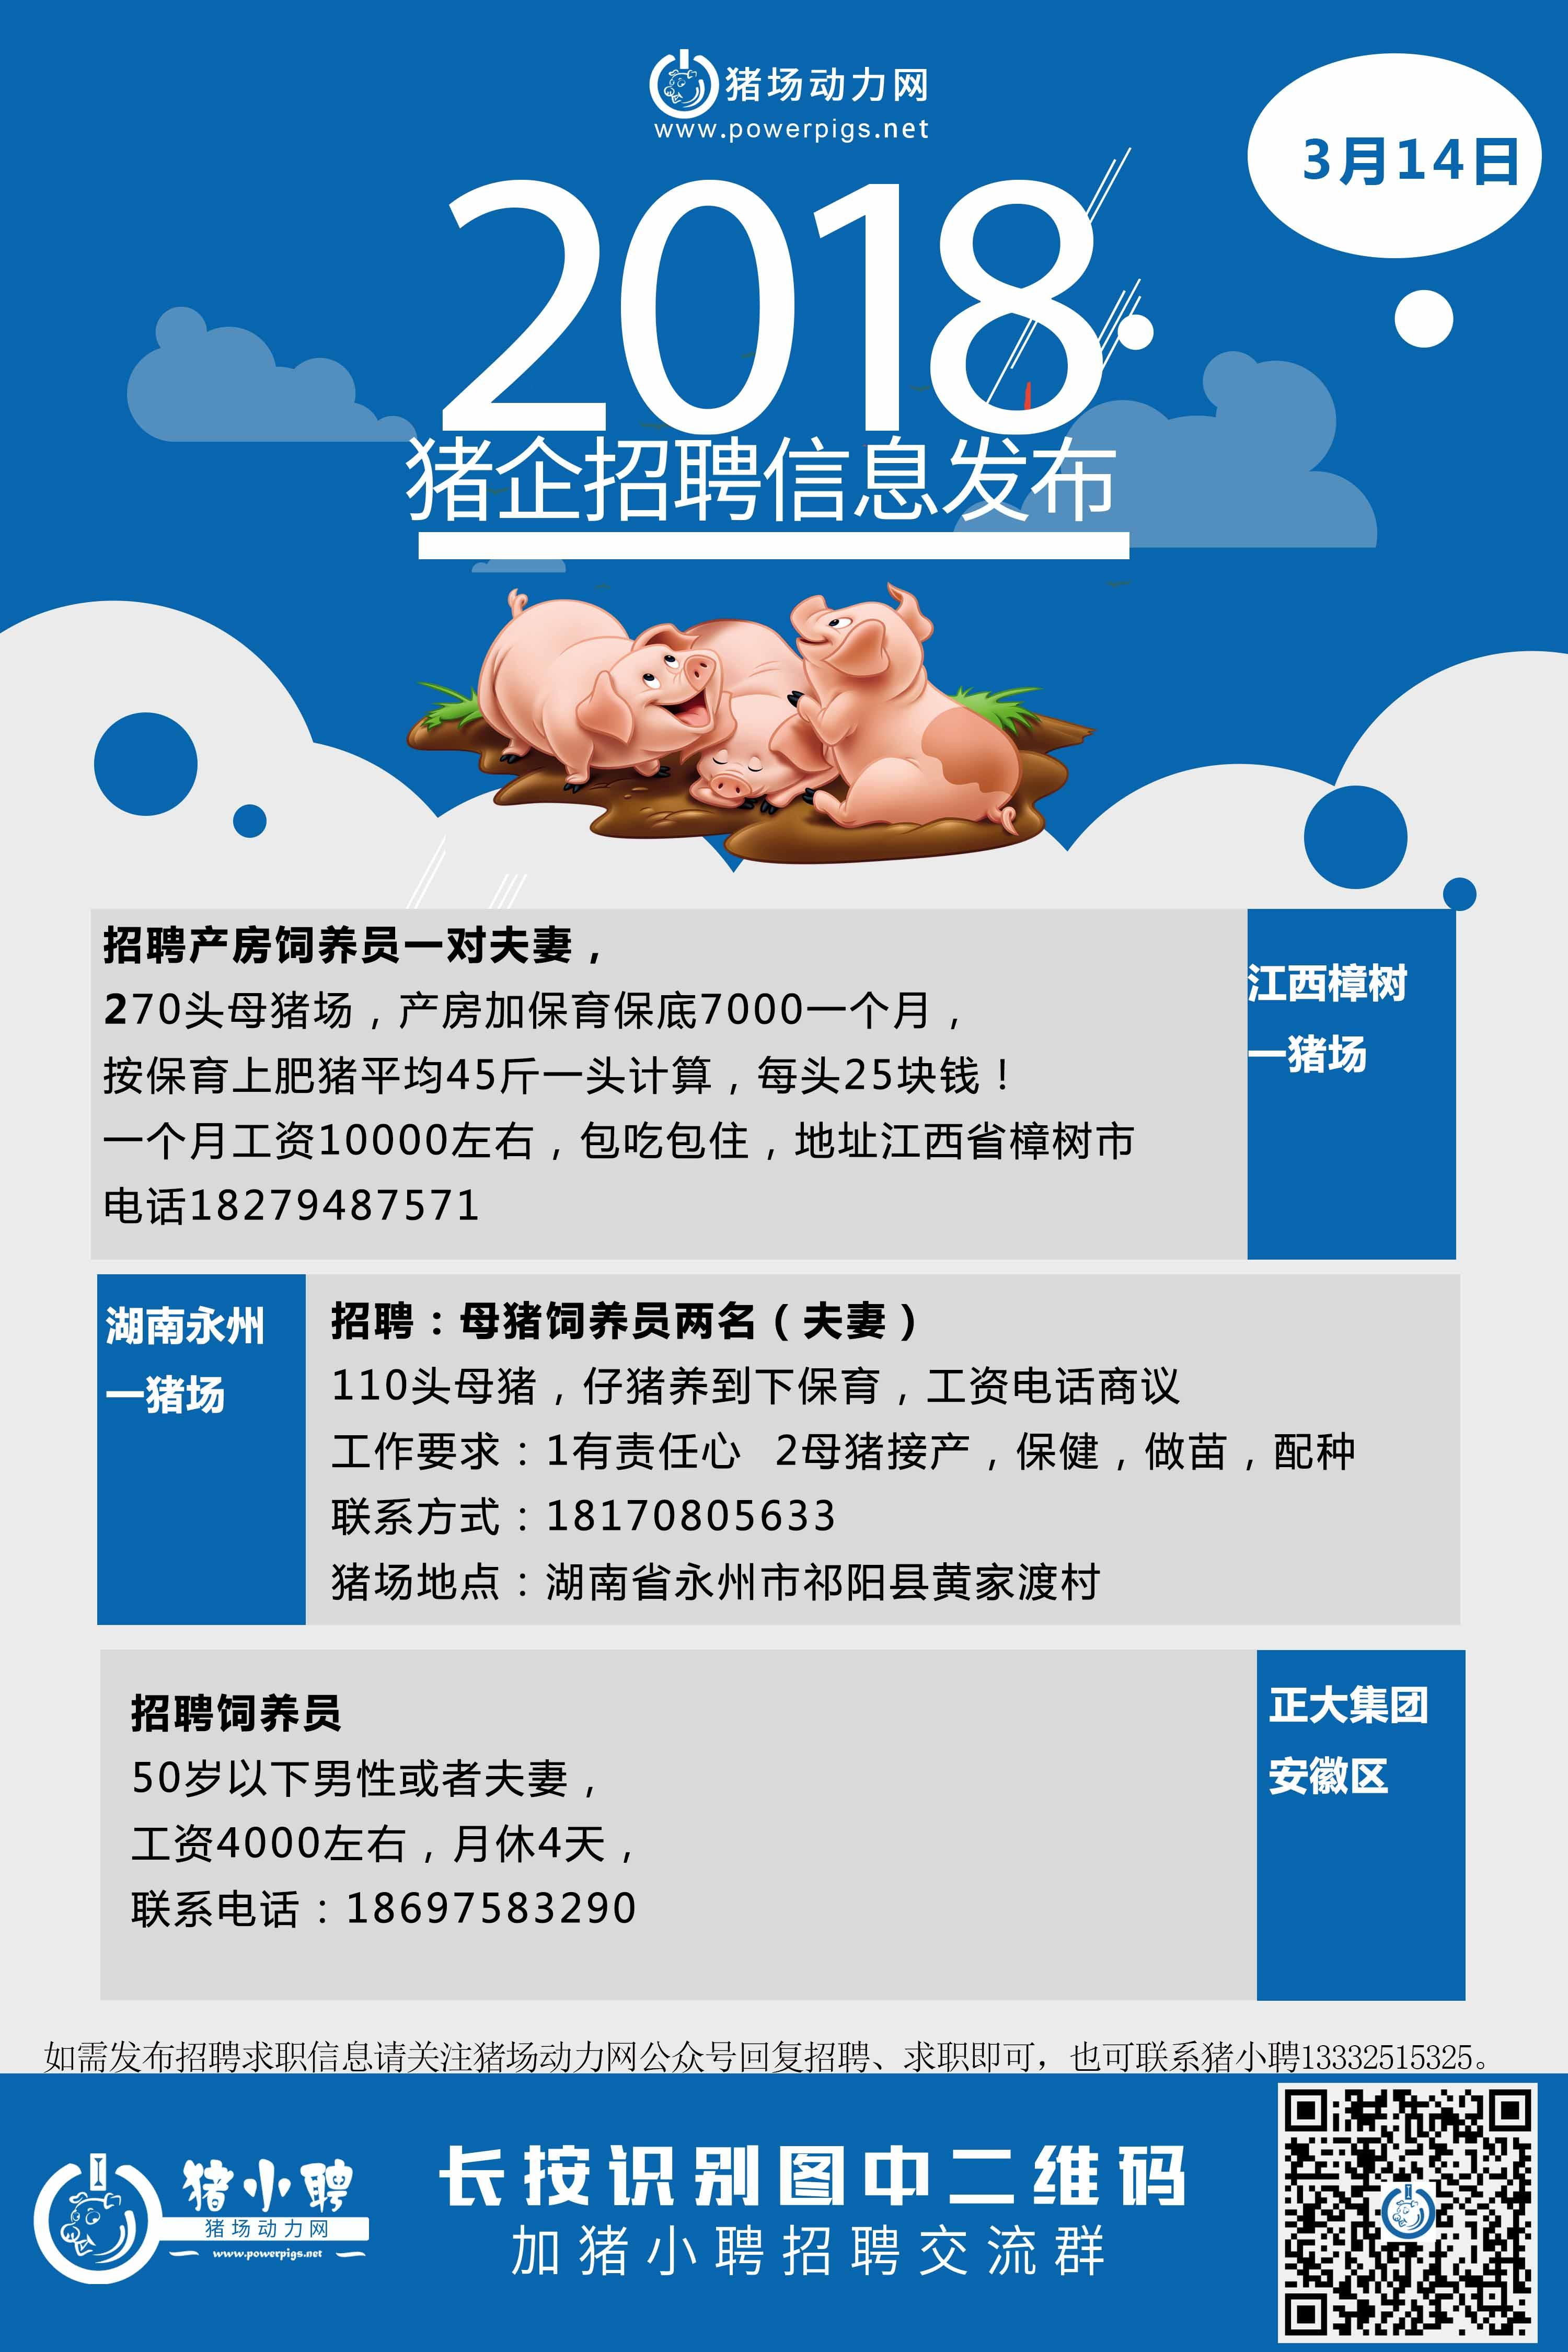 3.14日猪场招聘.jpg